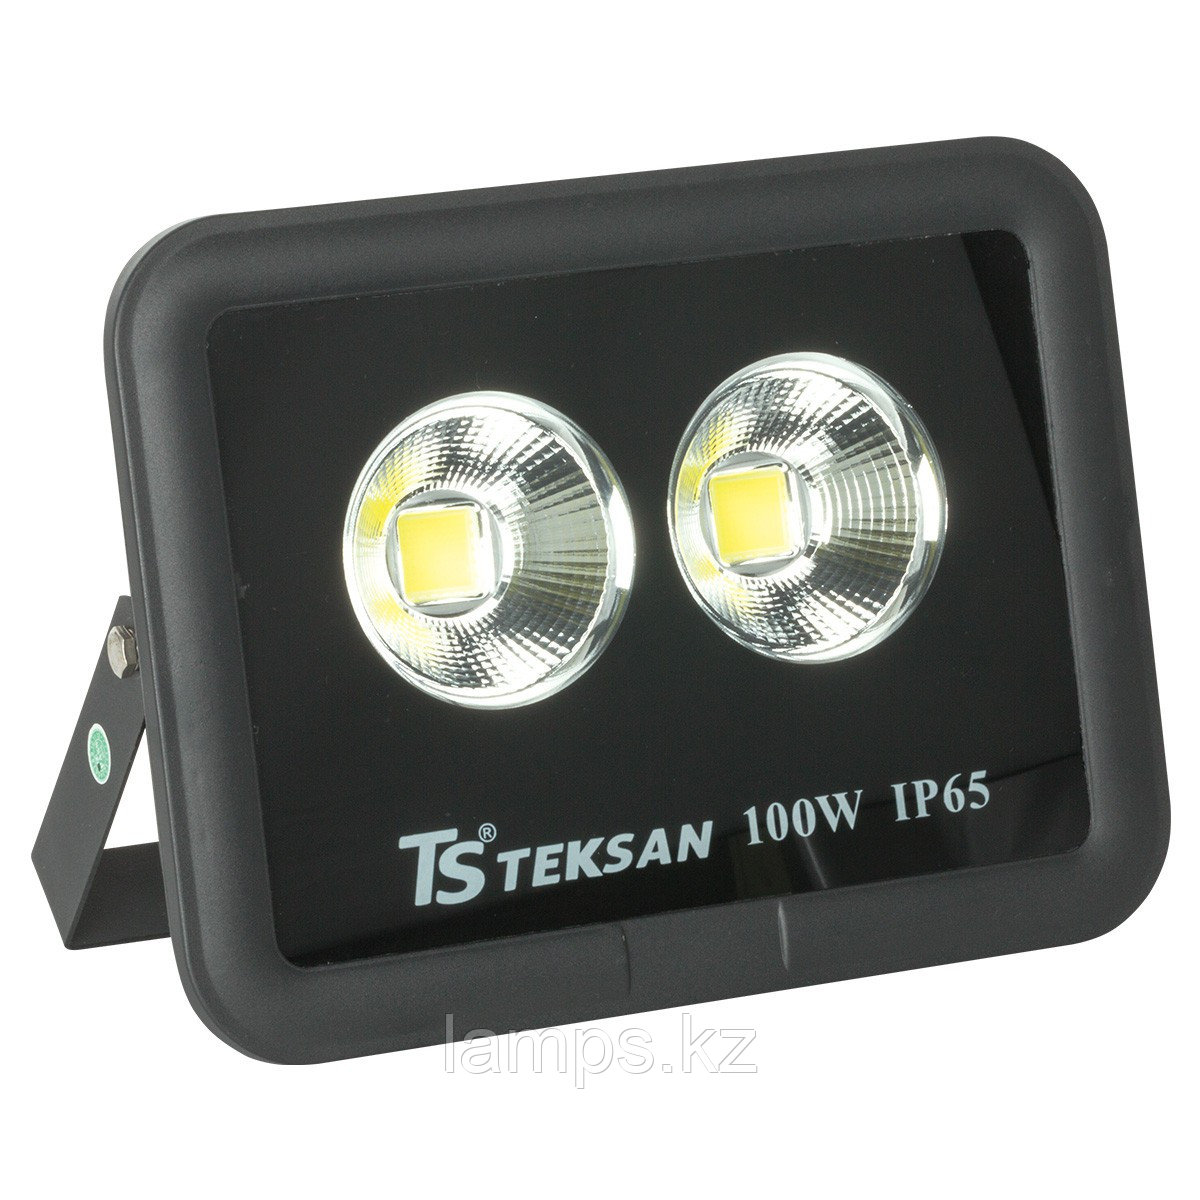 Светодиодный прожектор LED TS005 100W 6000K